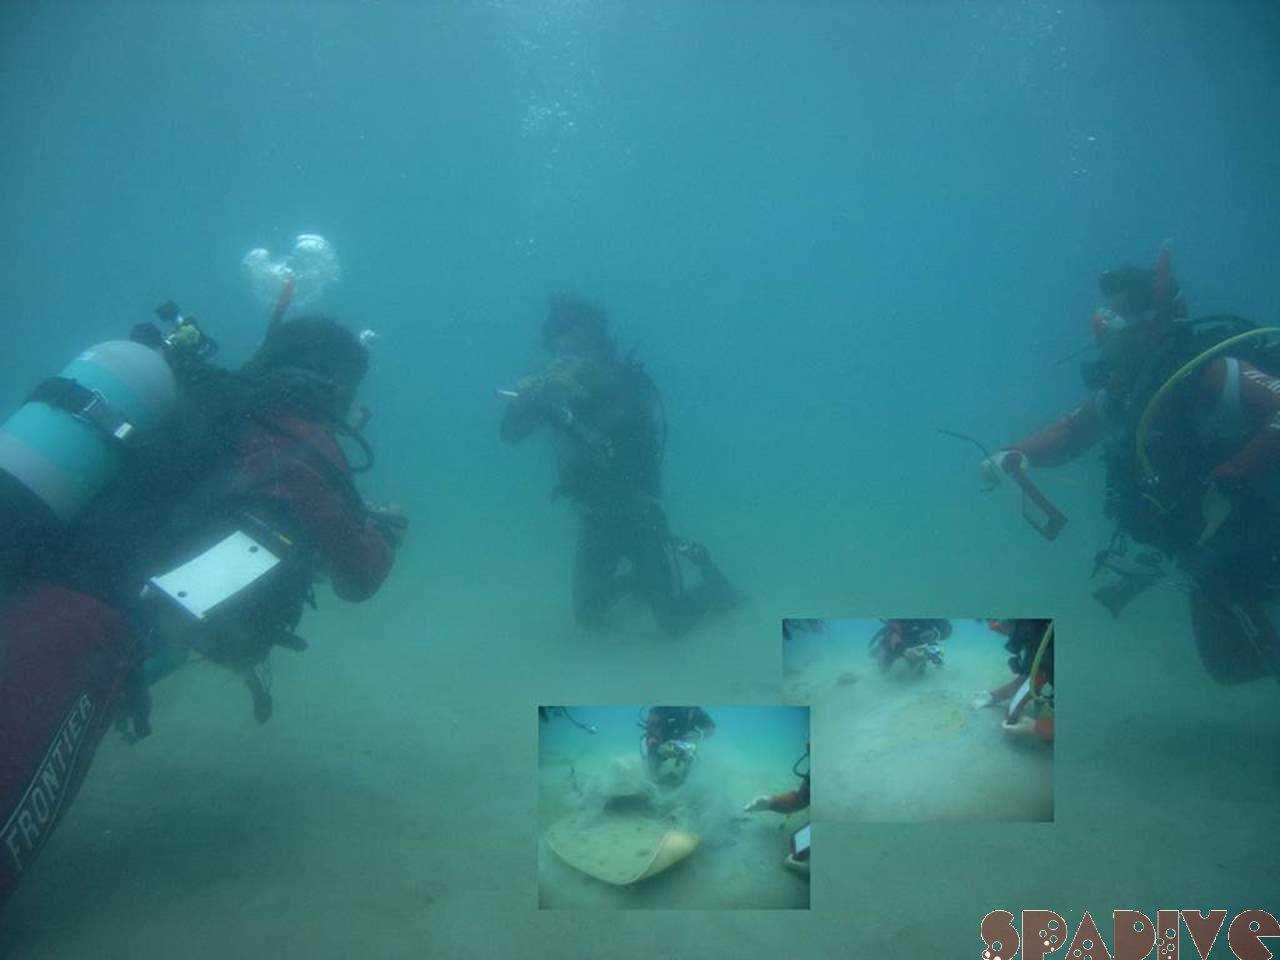 IDCインストラクター開発コース応援2|11/9/2007南紀白浜